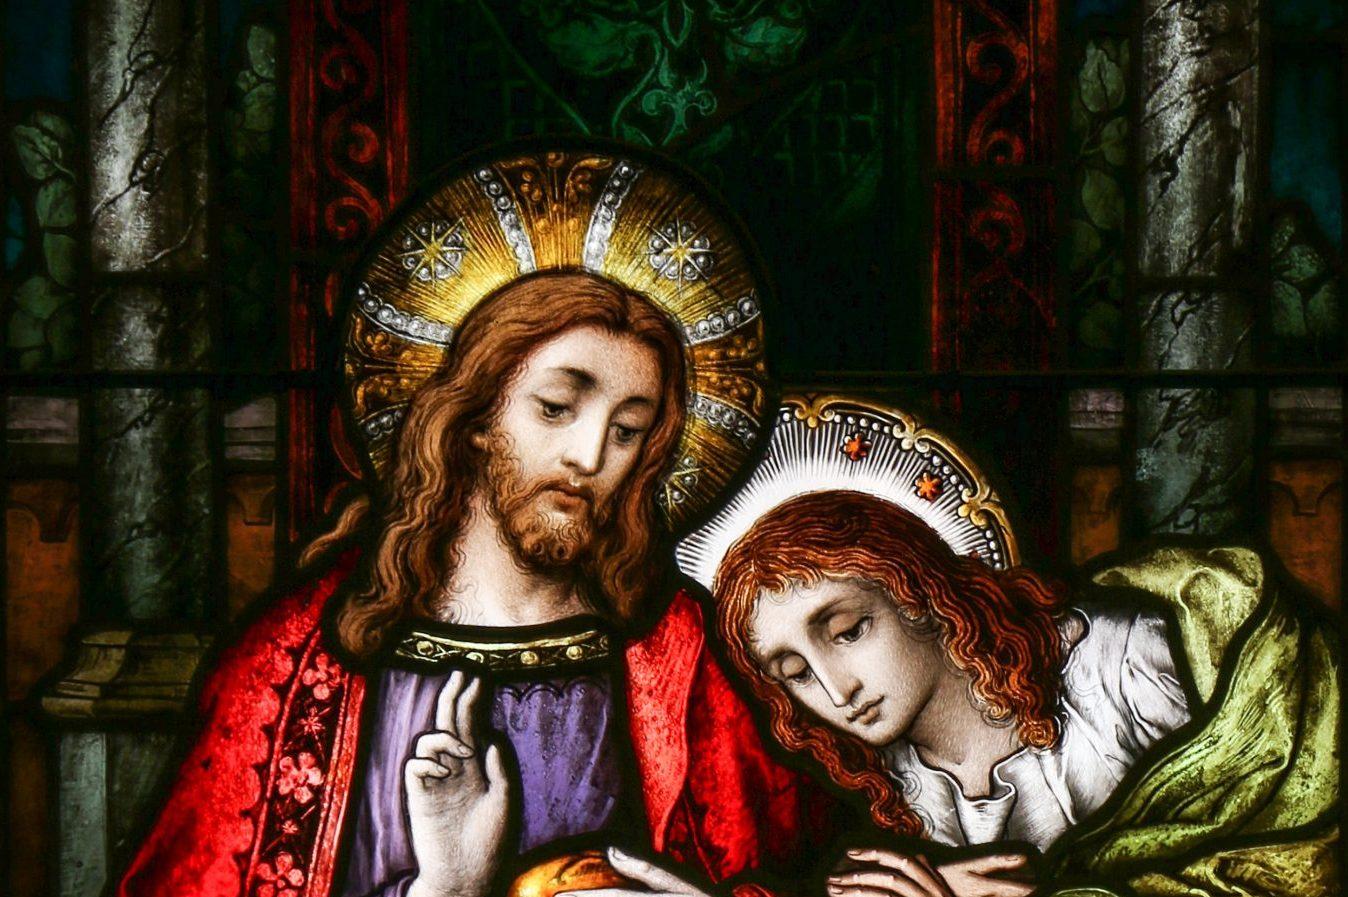 In Sinu Jesu: A Critical Analysis